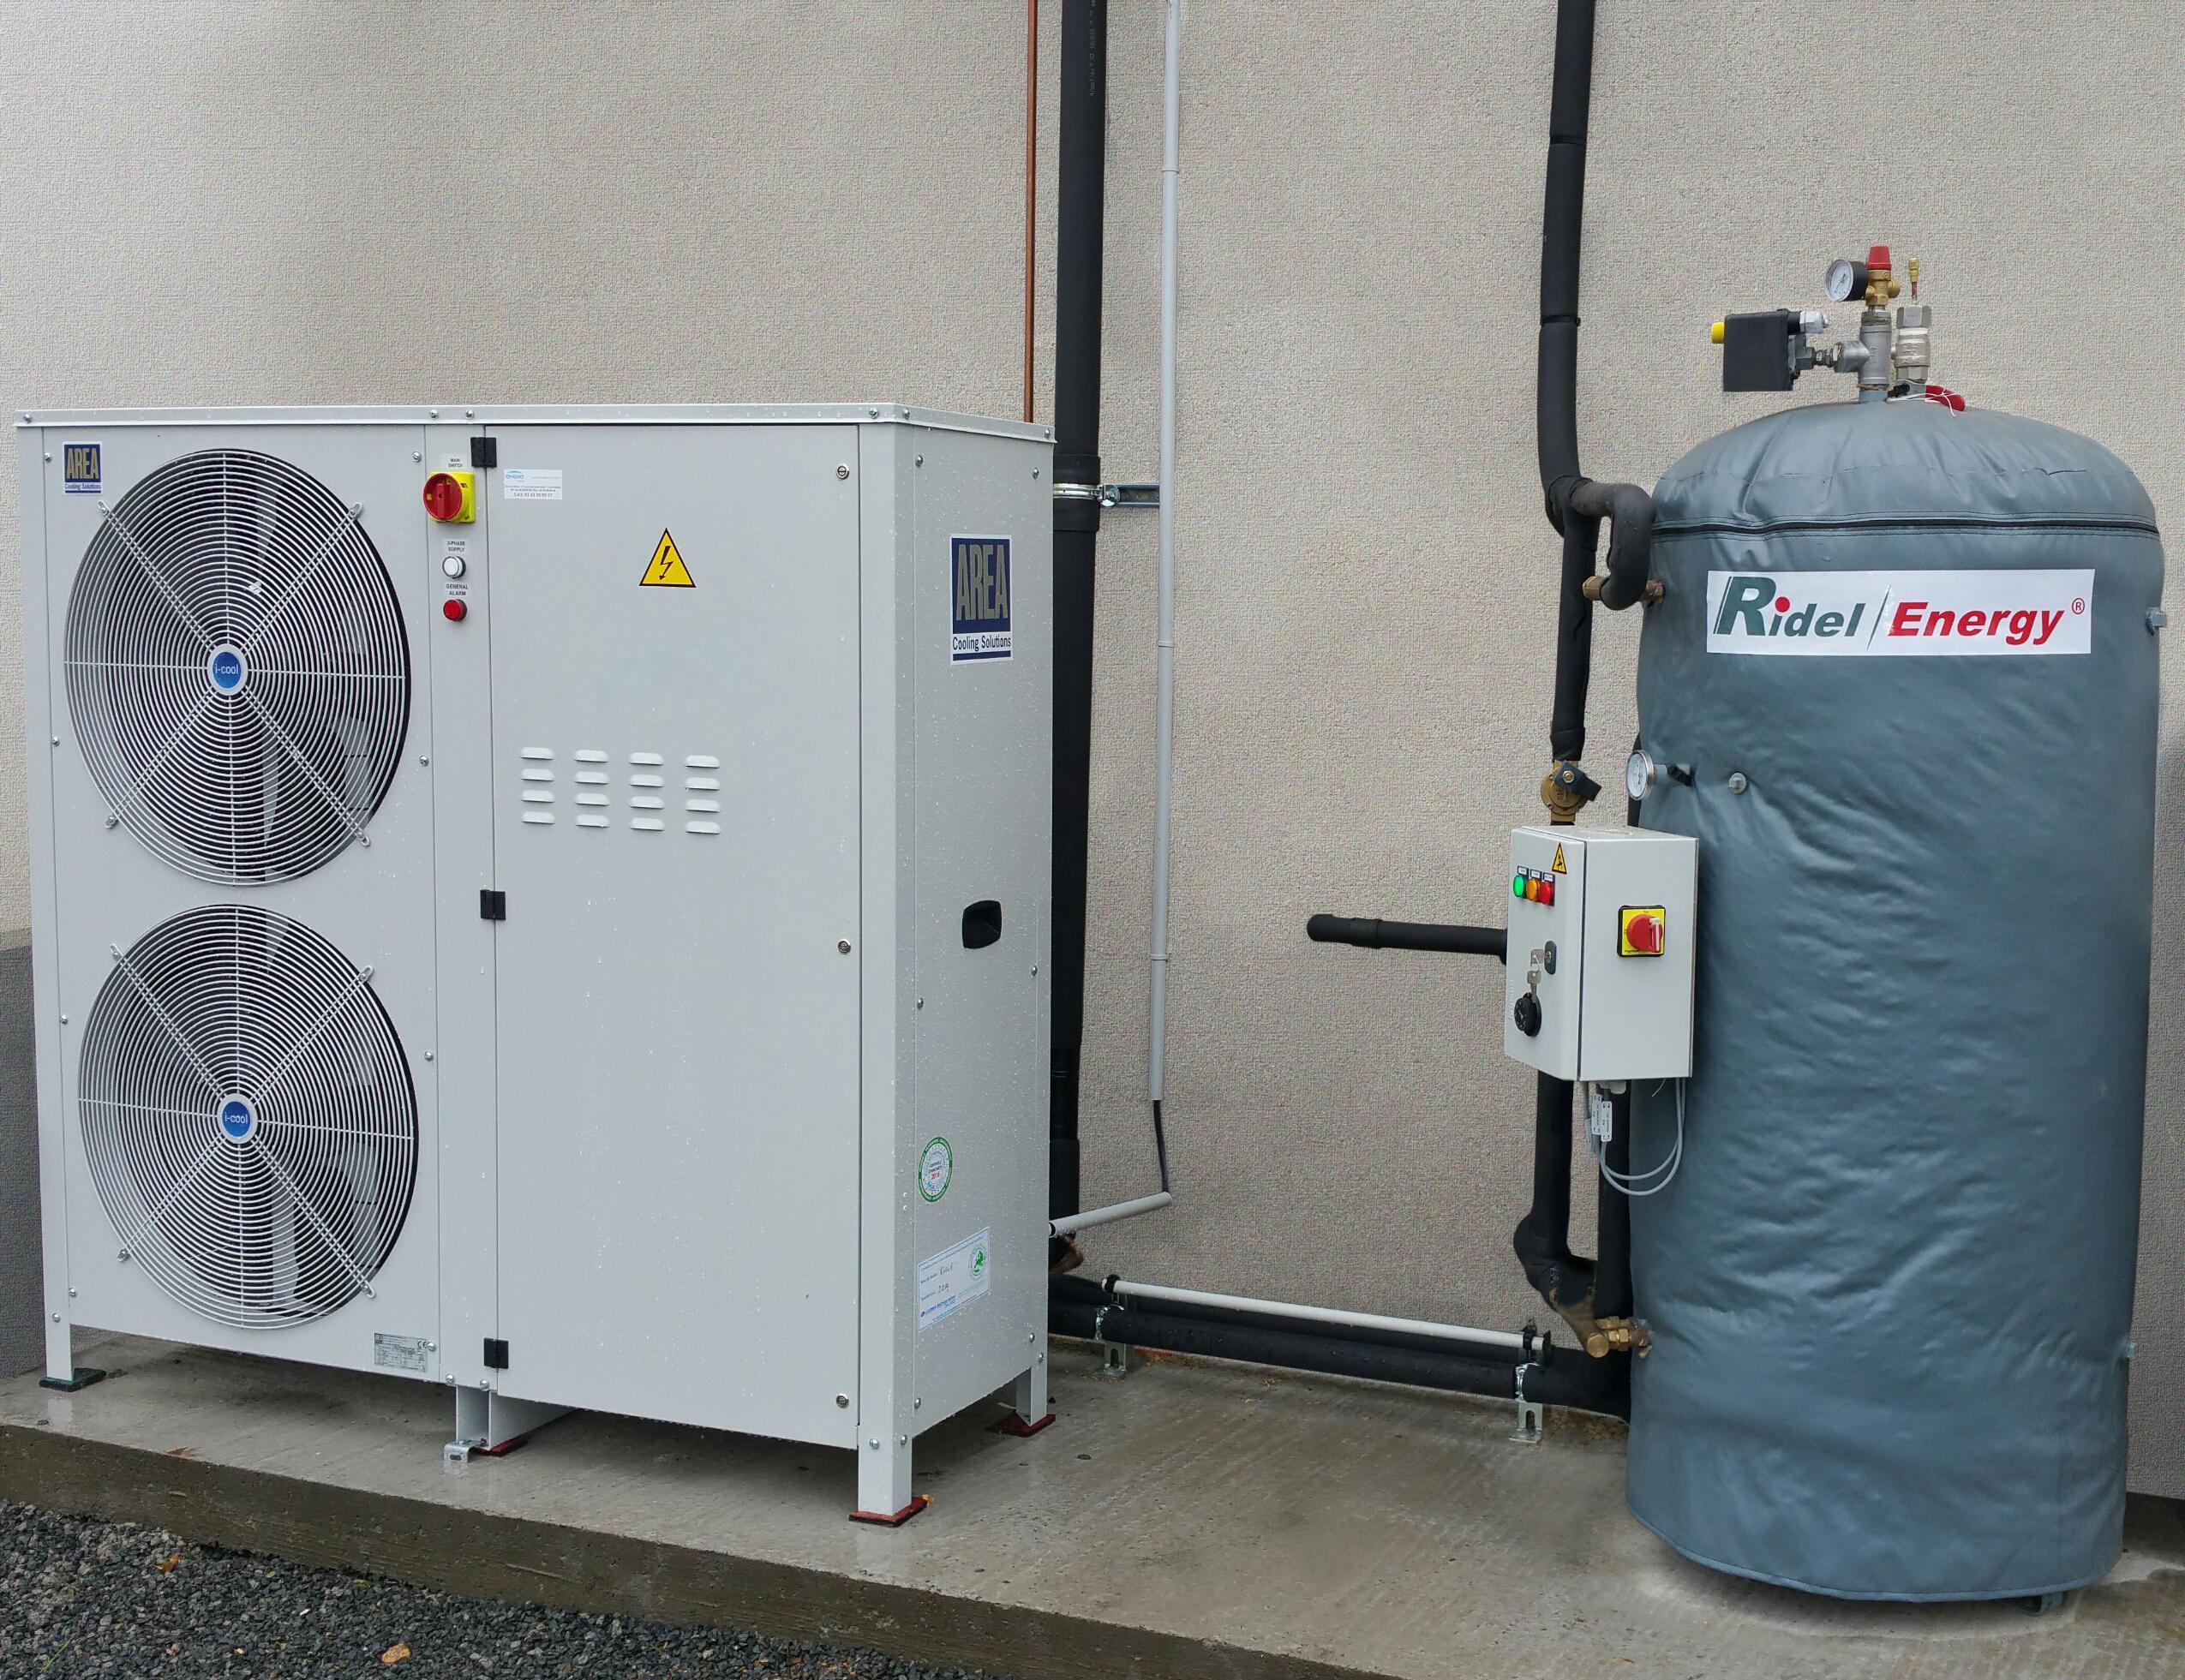 Recuperateur de chaleur pour commerce de proximite Ridel Energy